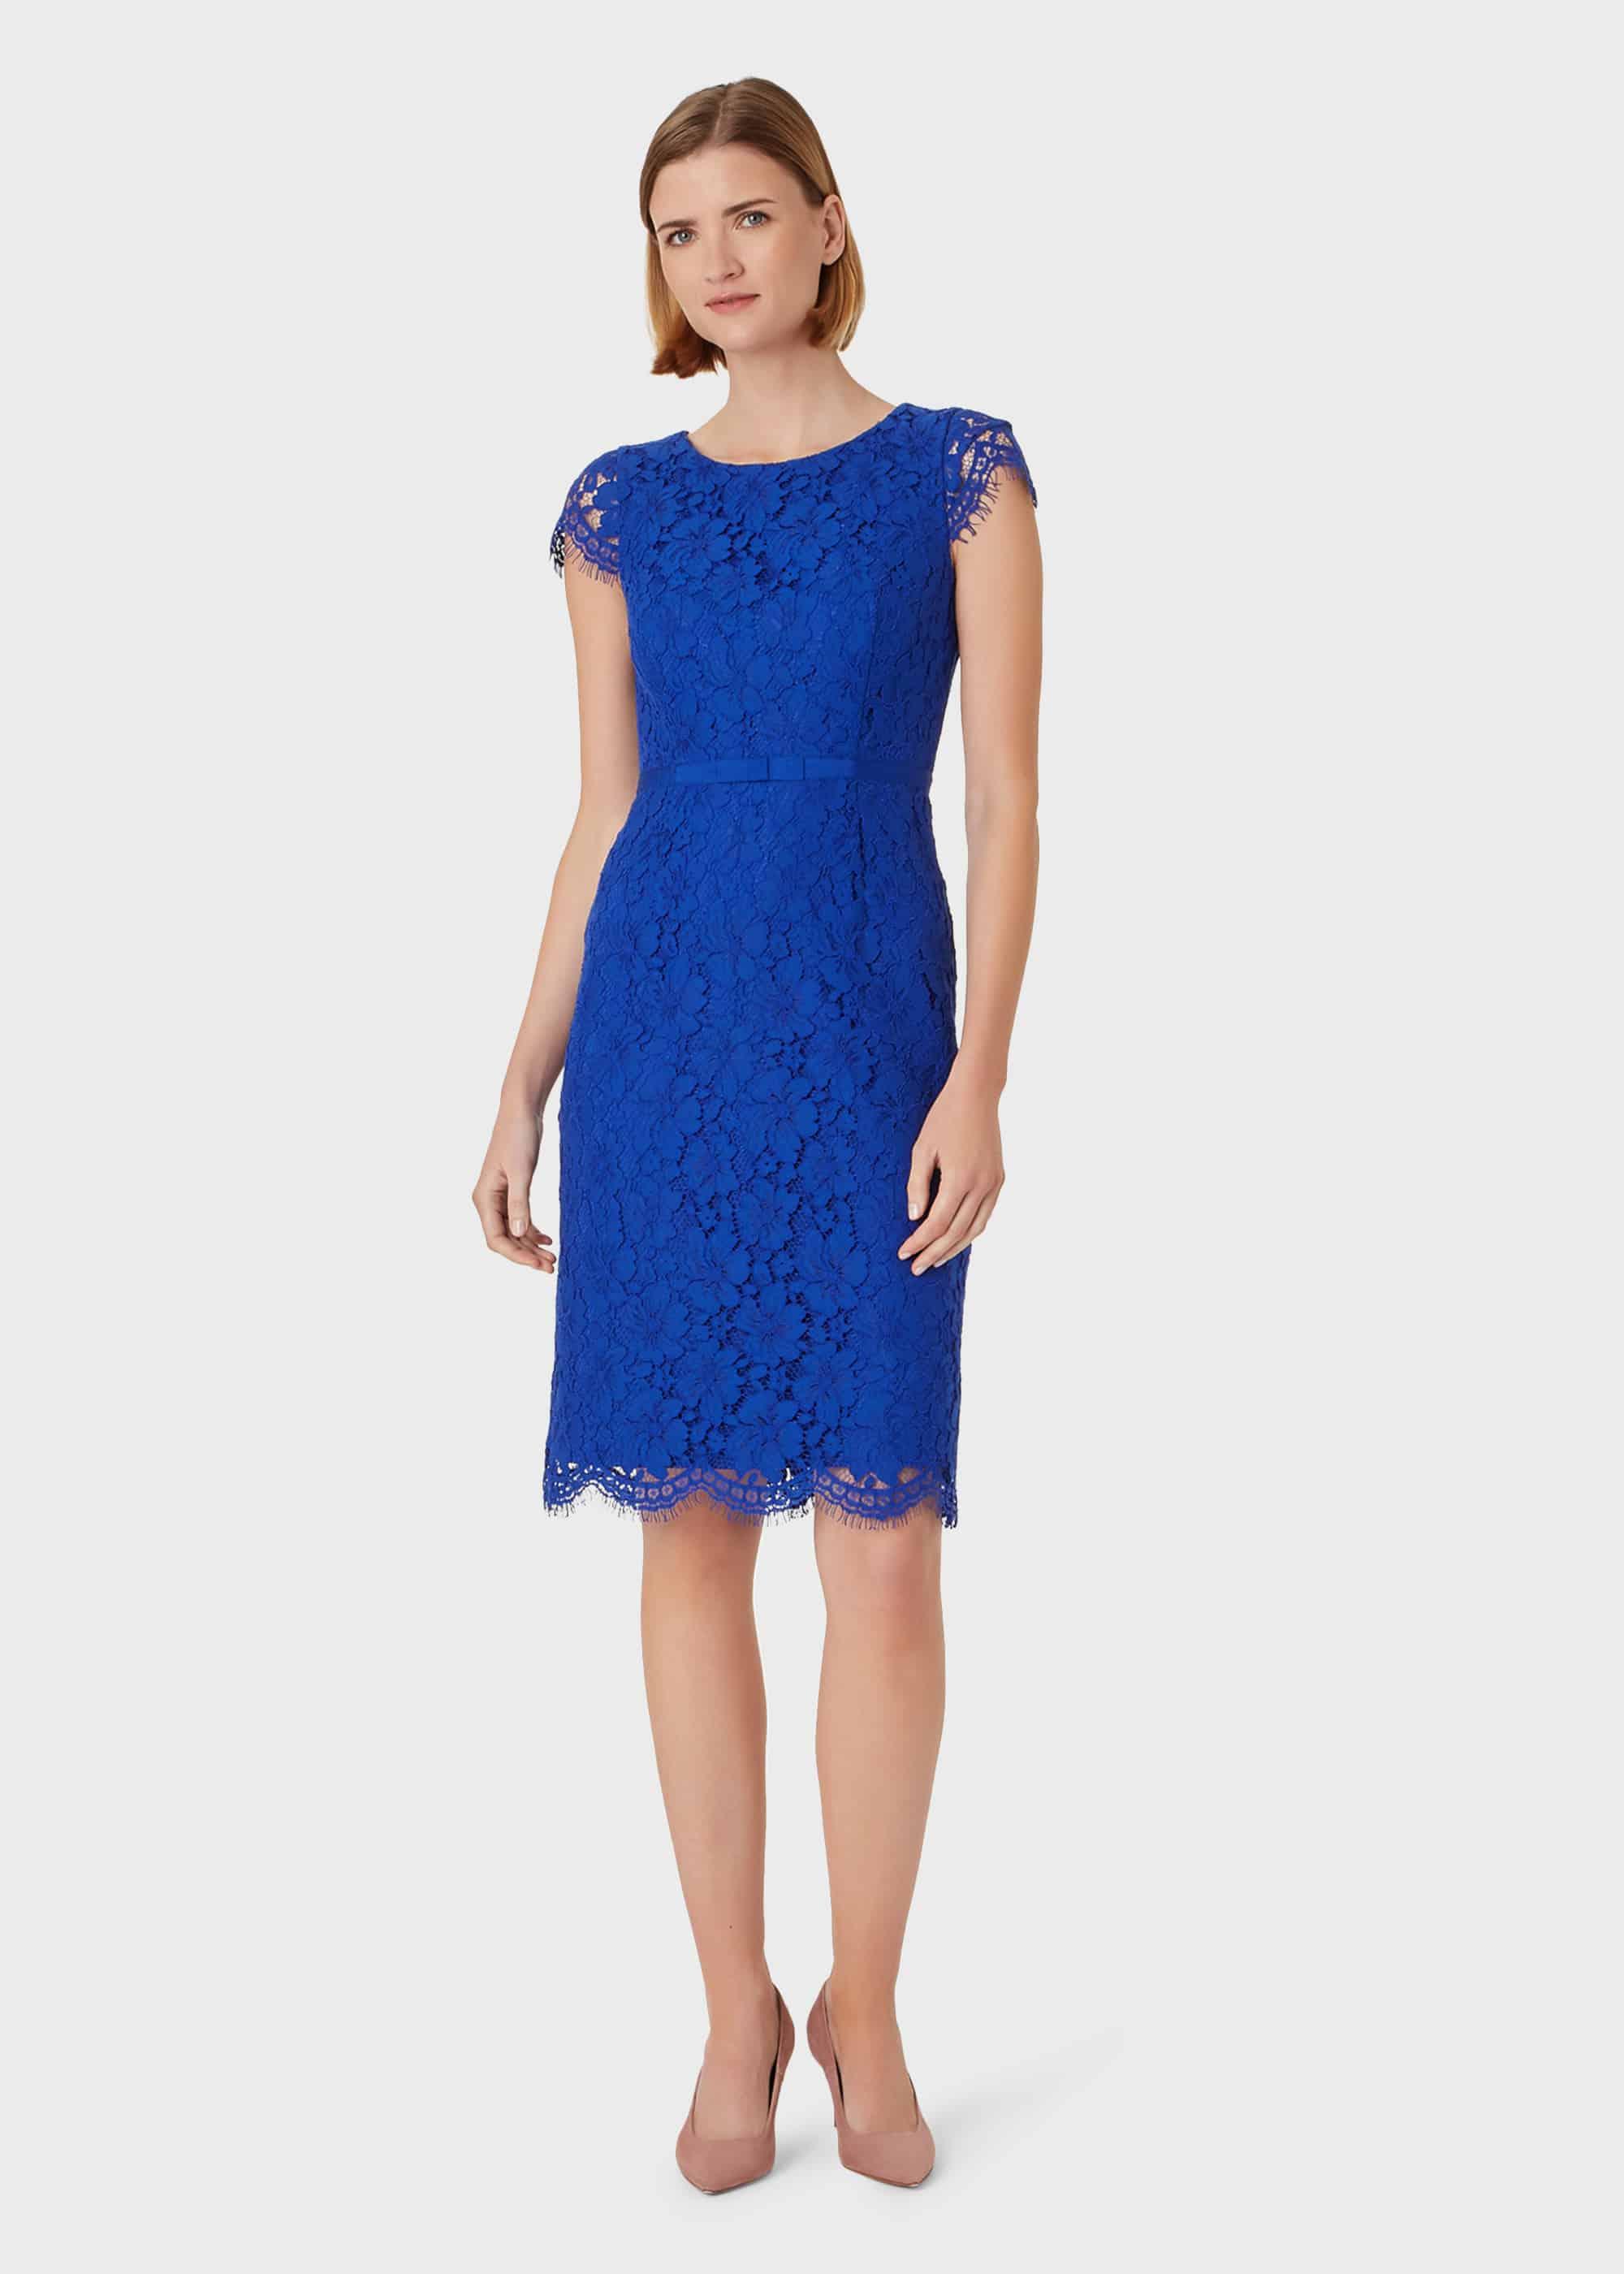 Hobbs Women Elora Lace Shift Dress